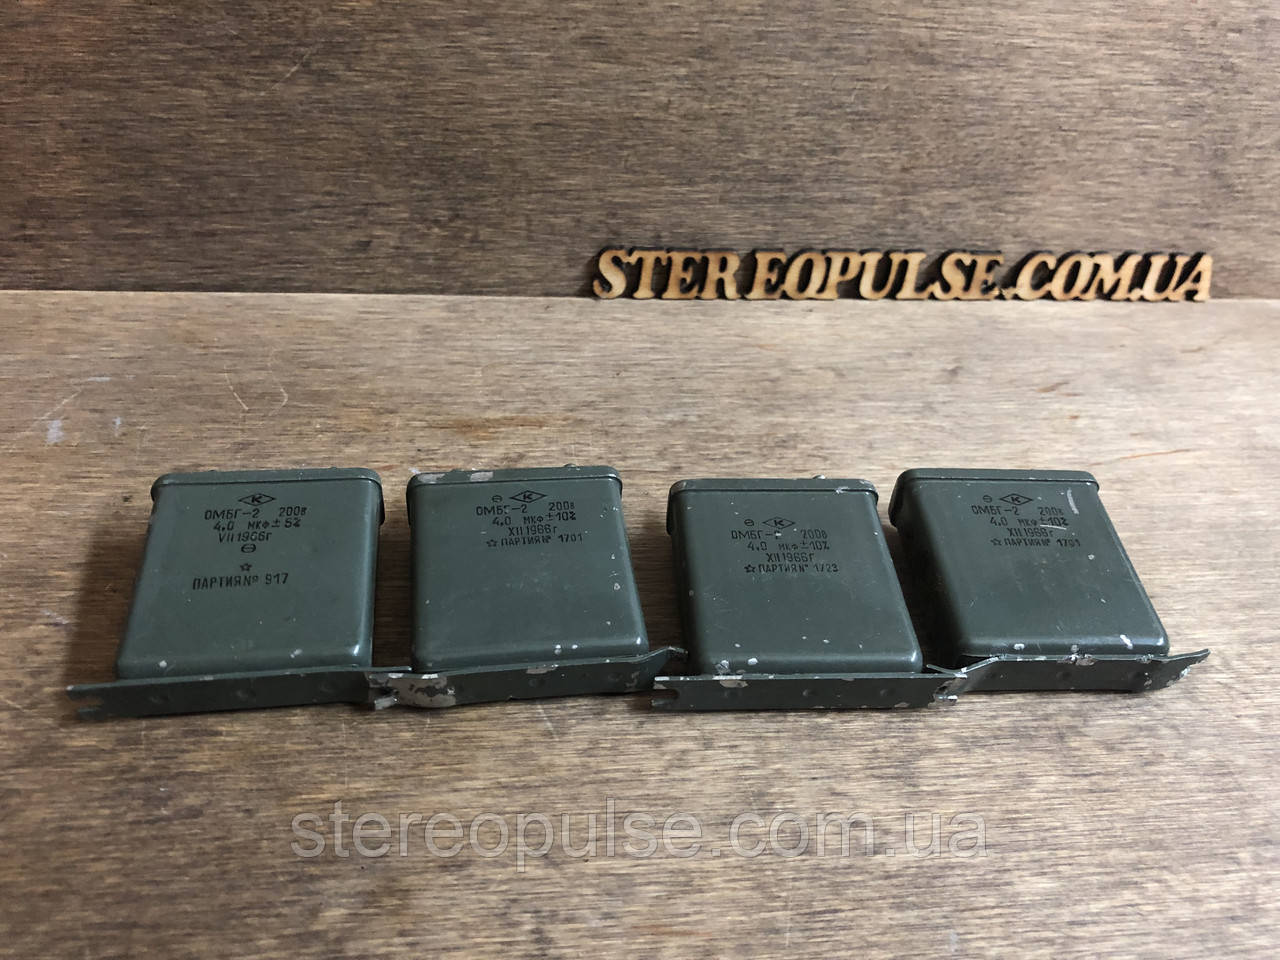 Конденсатор ОМБГ-2 4мкФ 200В 10%